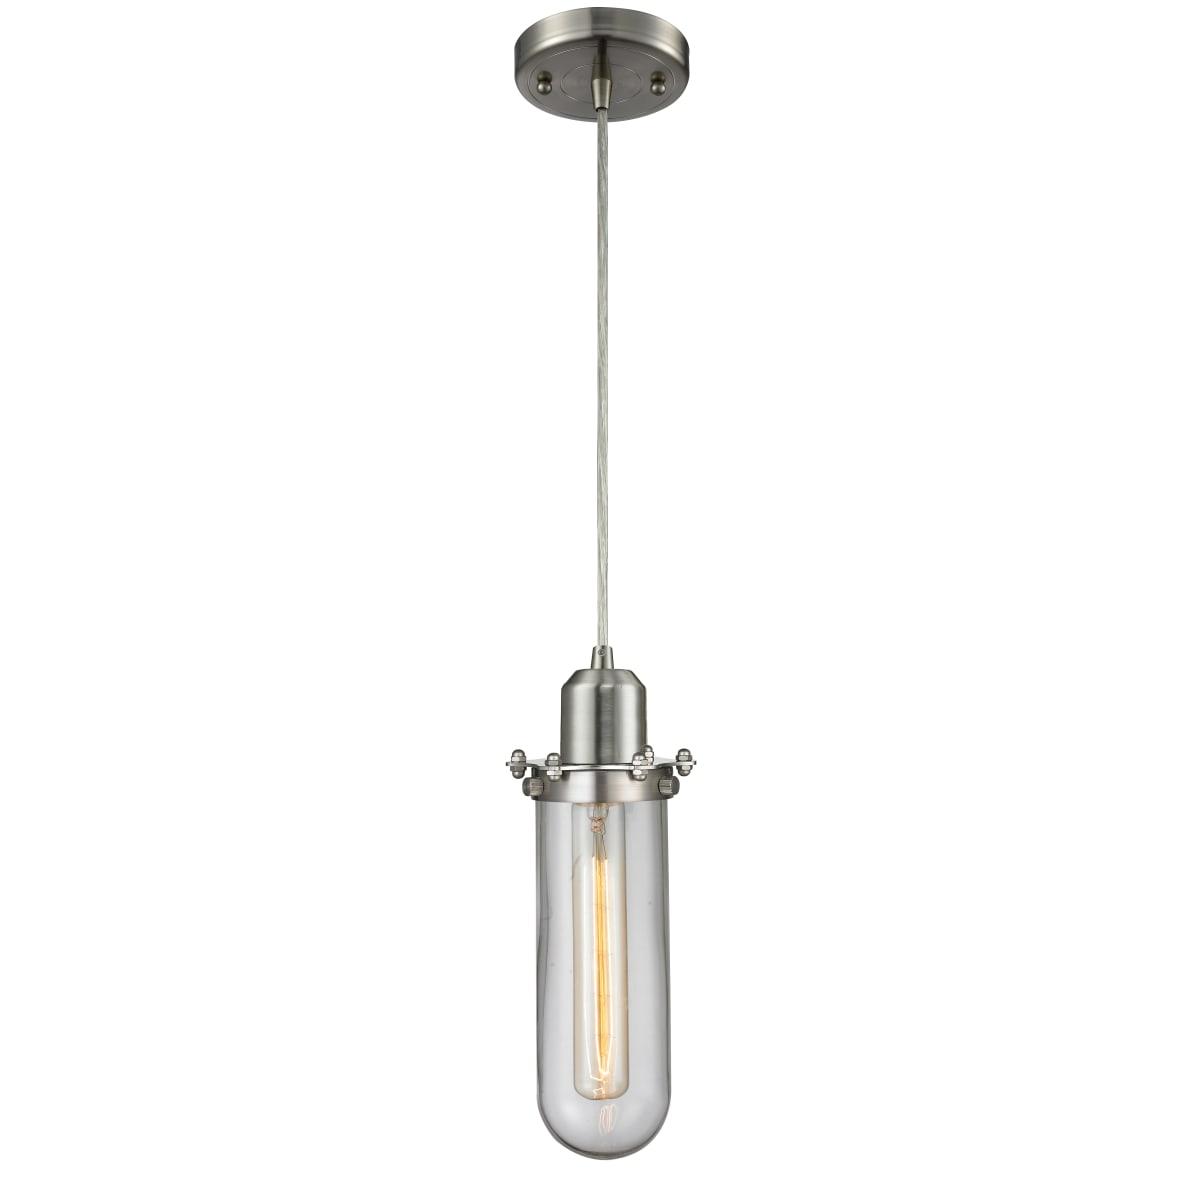 Lighting 228 Sn Cl Brushed Satin Nickel